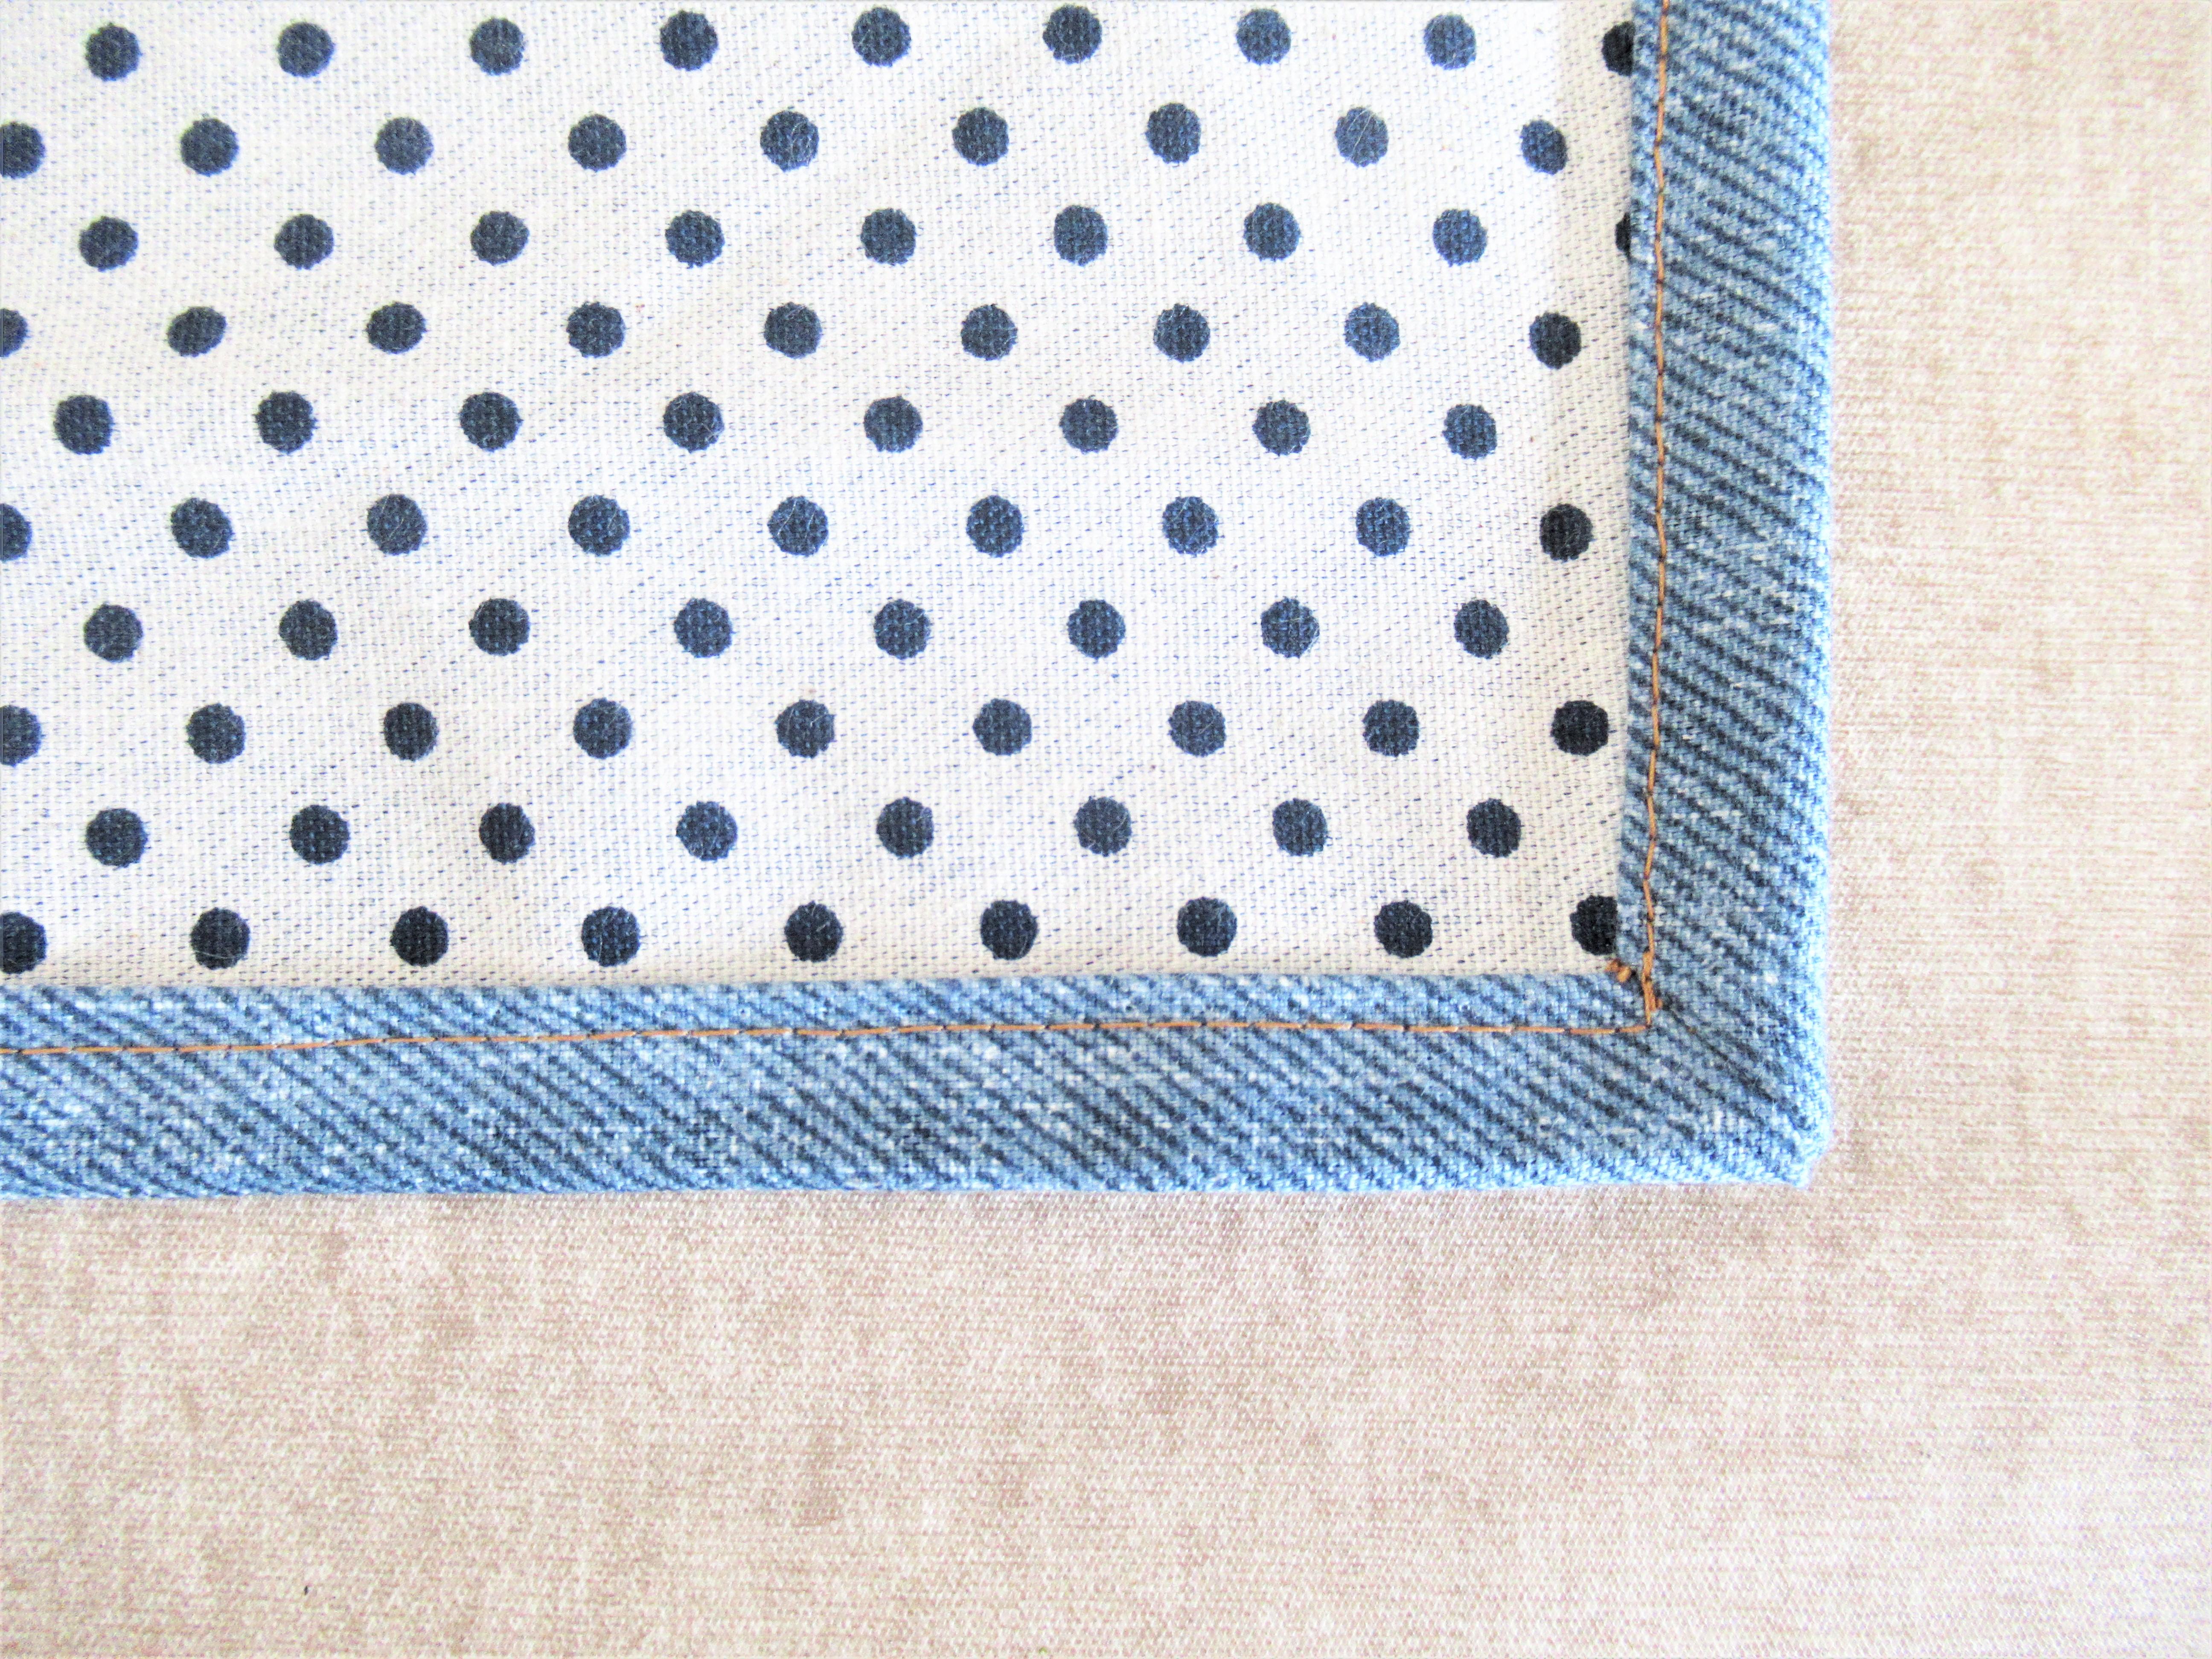 【額縁縫い】失敗しない方法!「手作りランチョンマット」わかりやすく簡単な手順を写真で紹介|子育てブログ